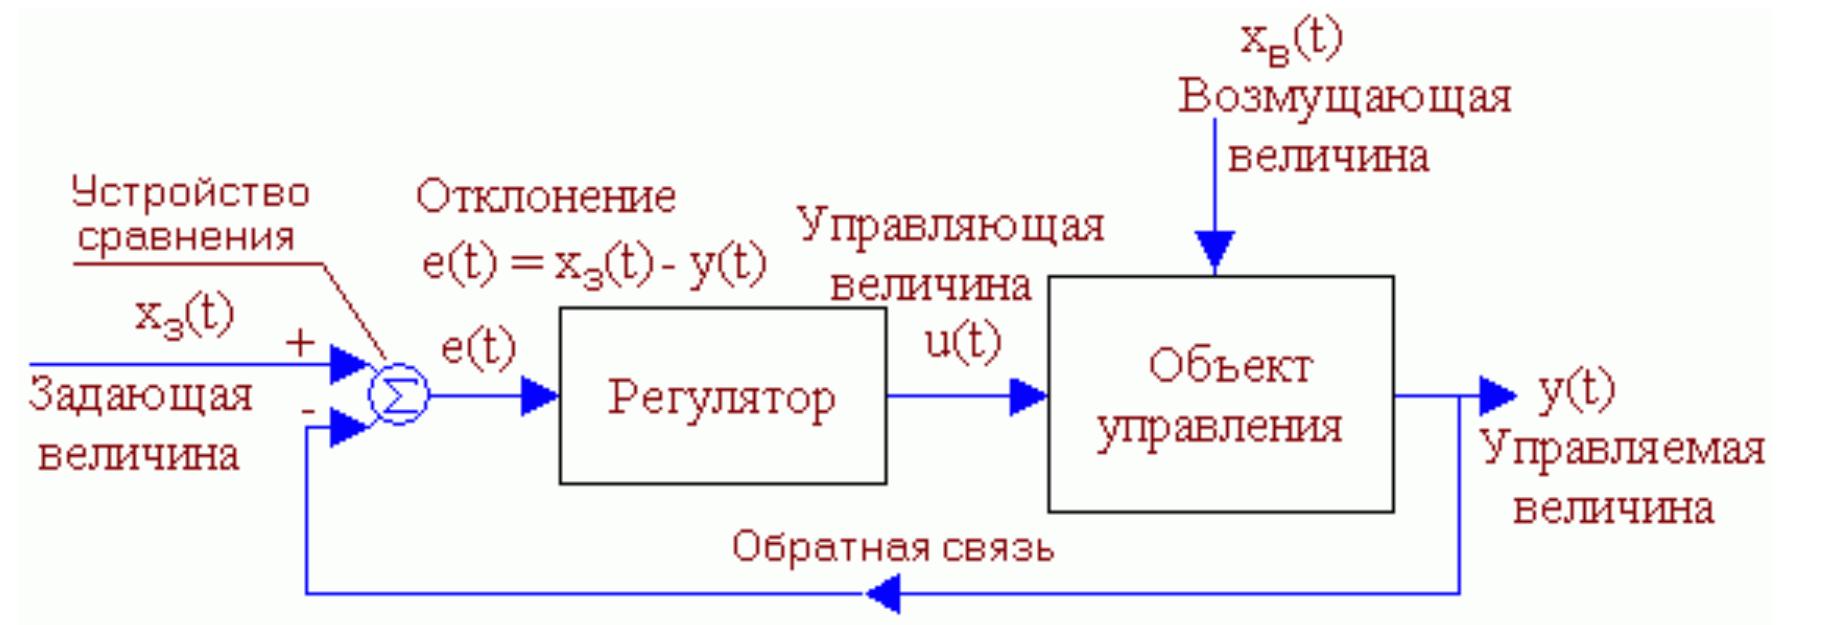 Структурная схема типовой сар